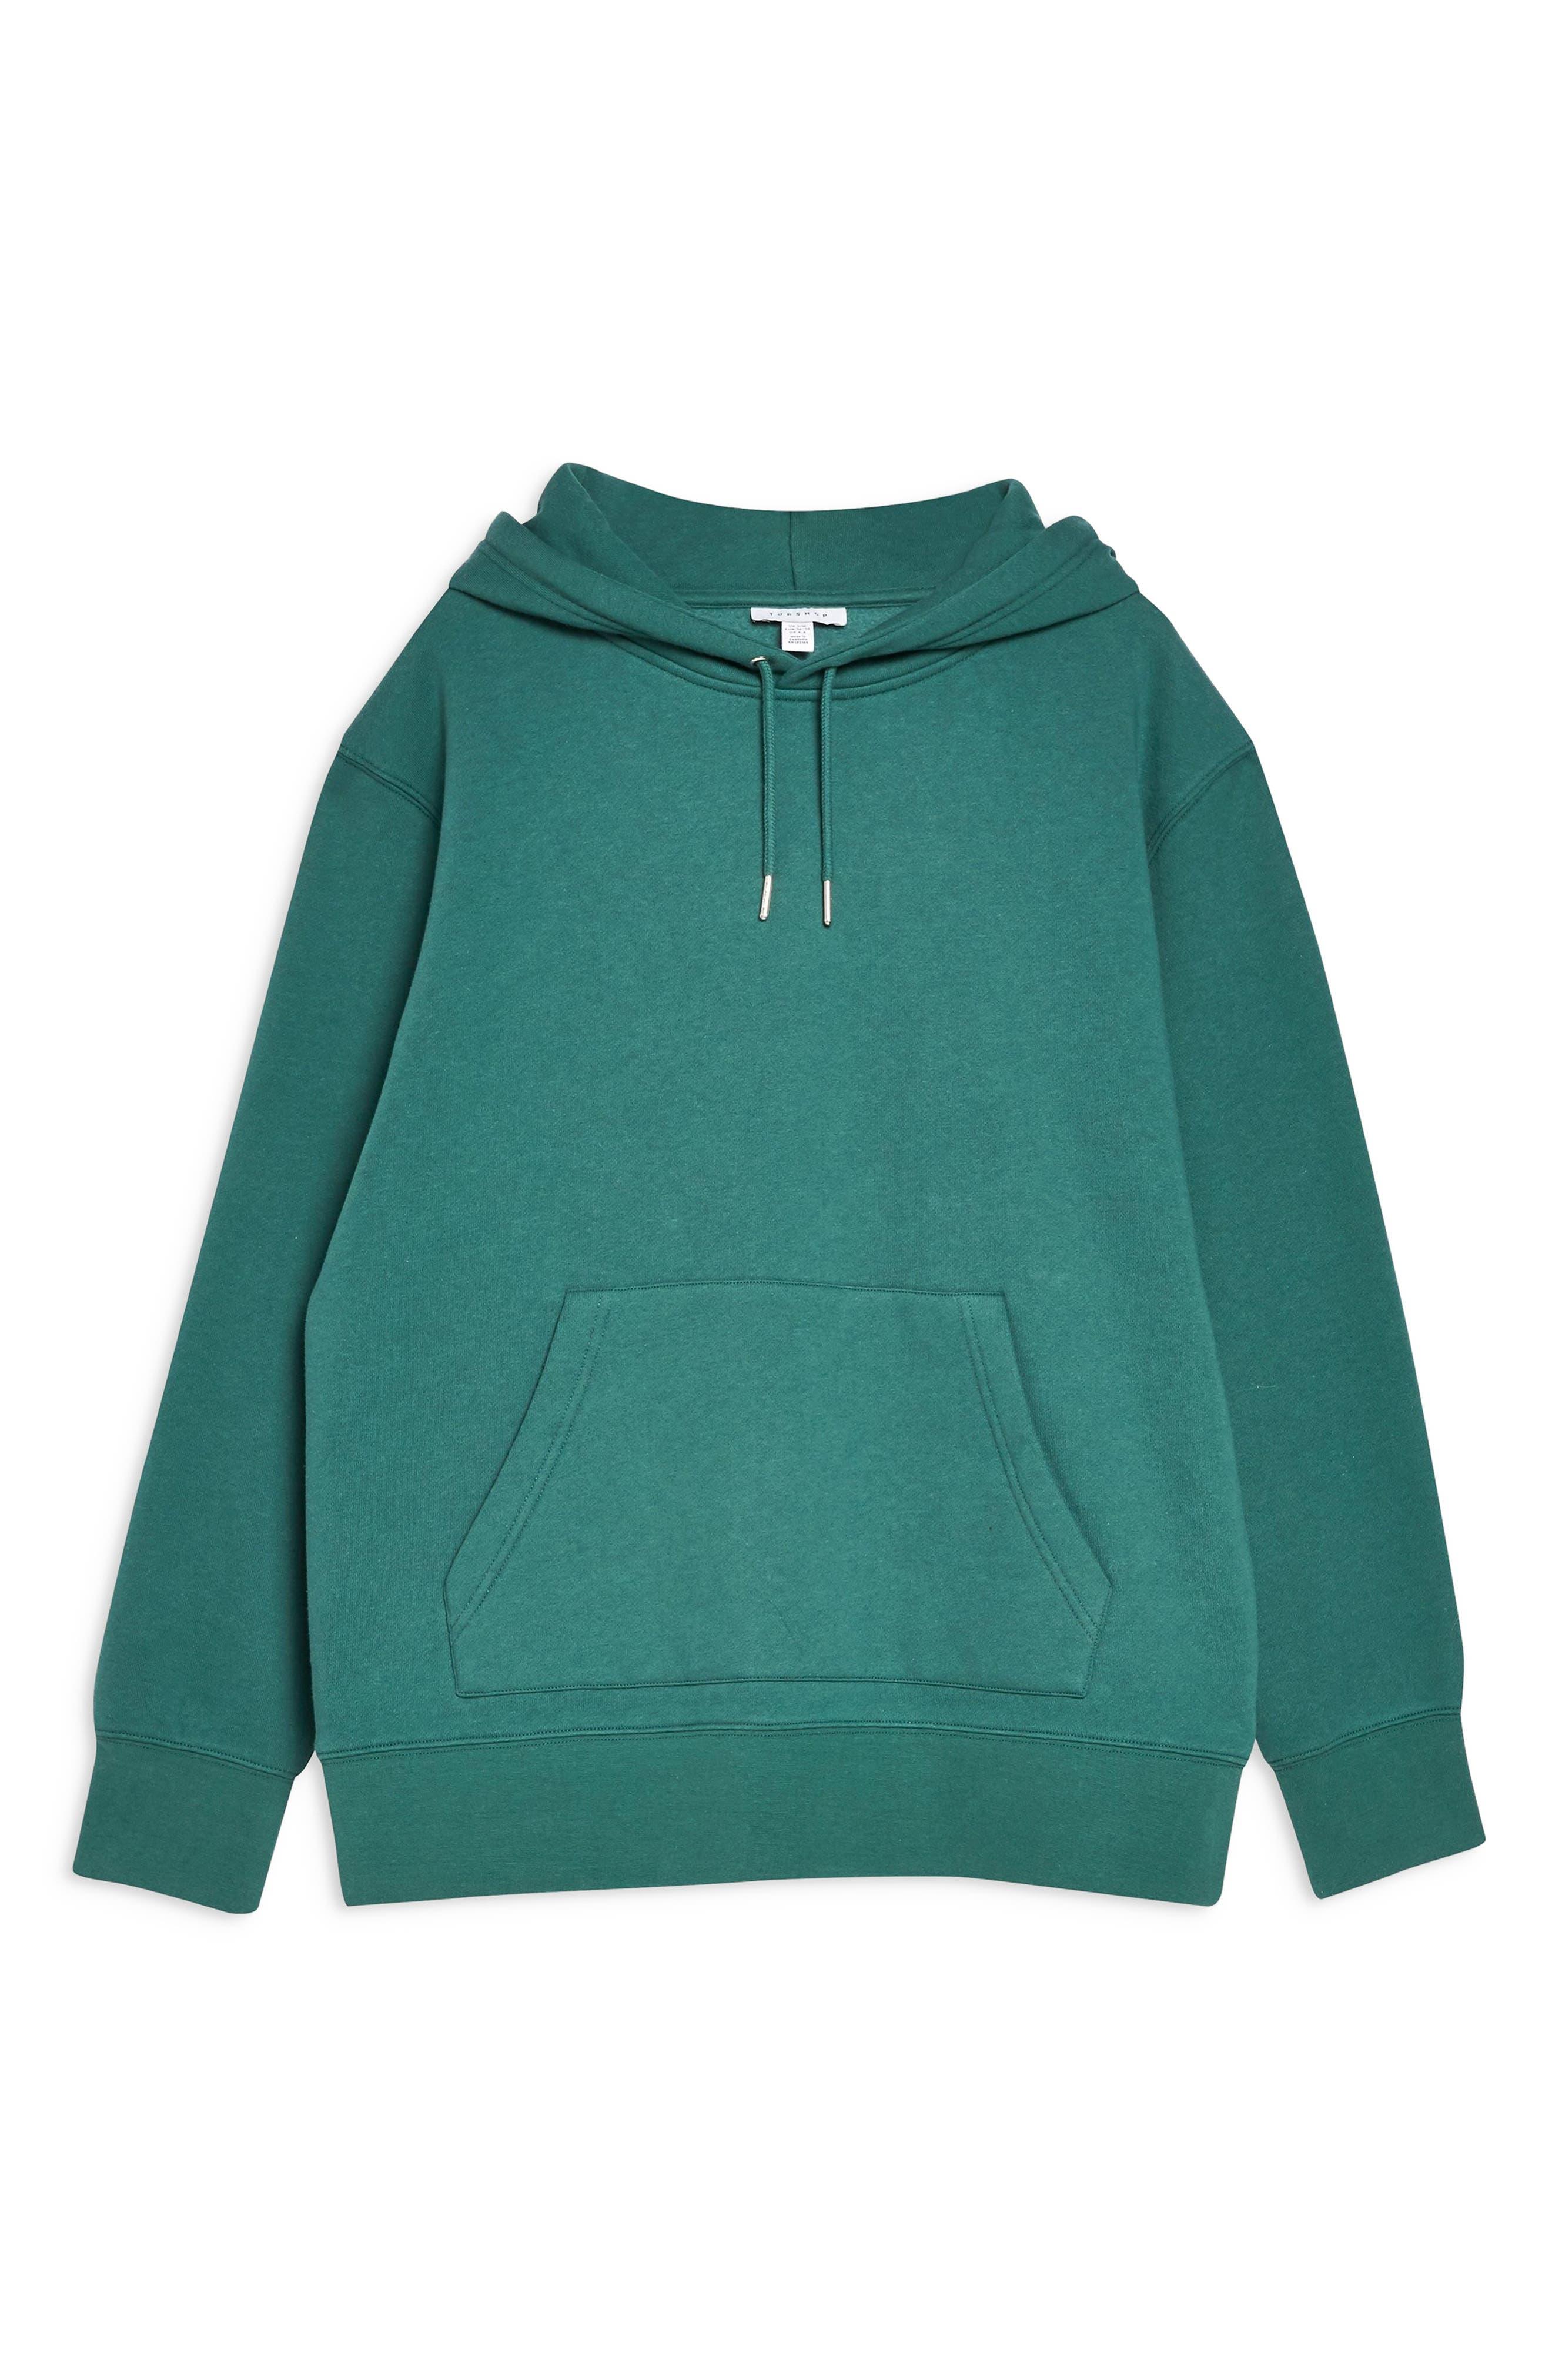 Women's Hoodies Women's Sweatshirts Sweatshirts amp; Nordstrom IqRPwIr